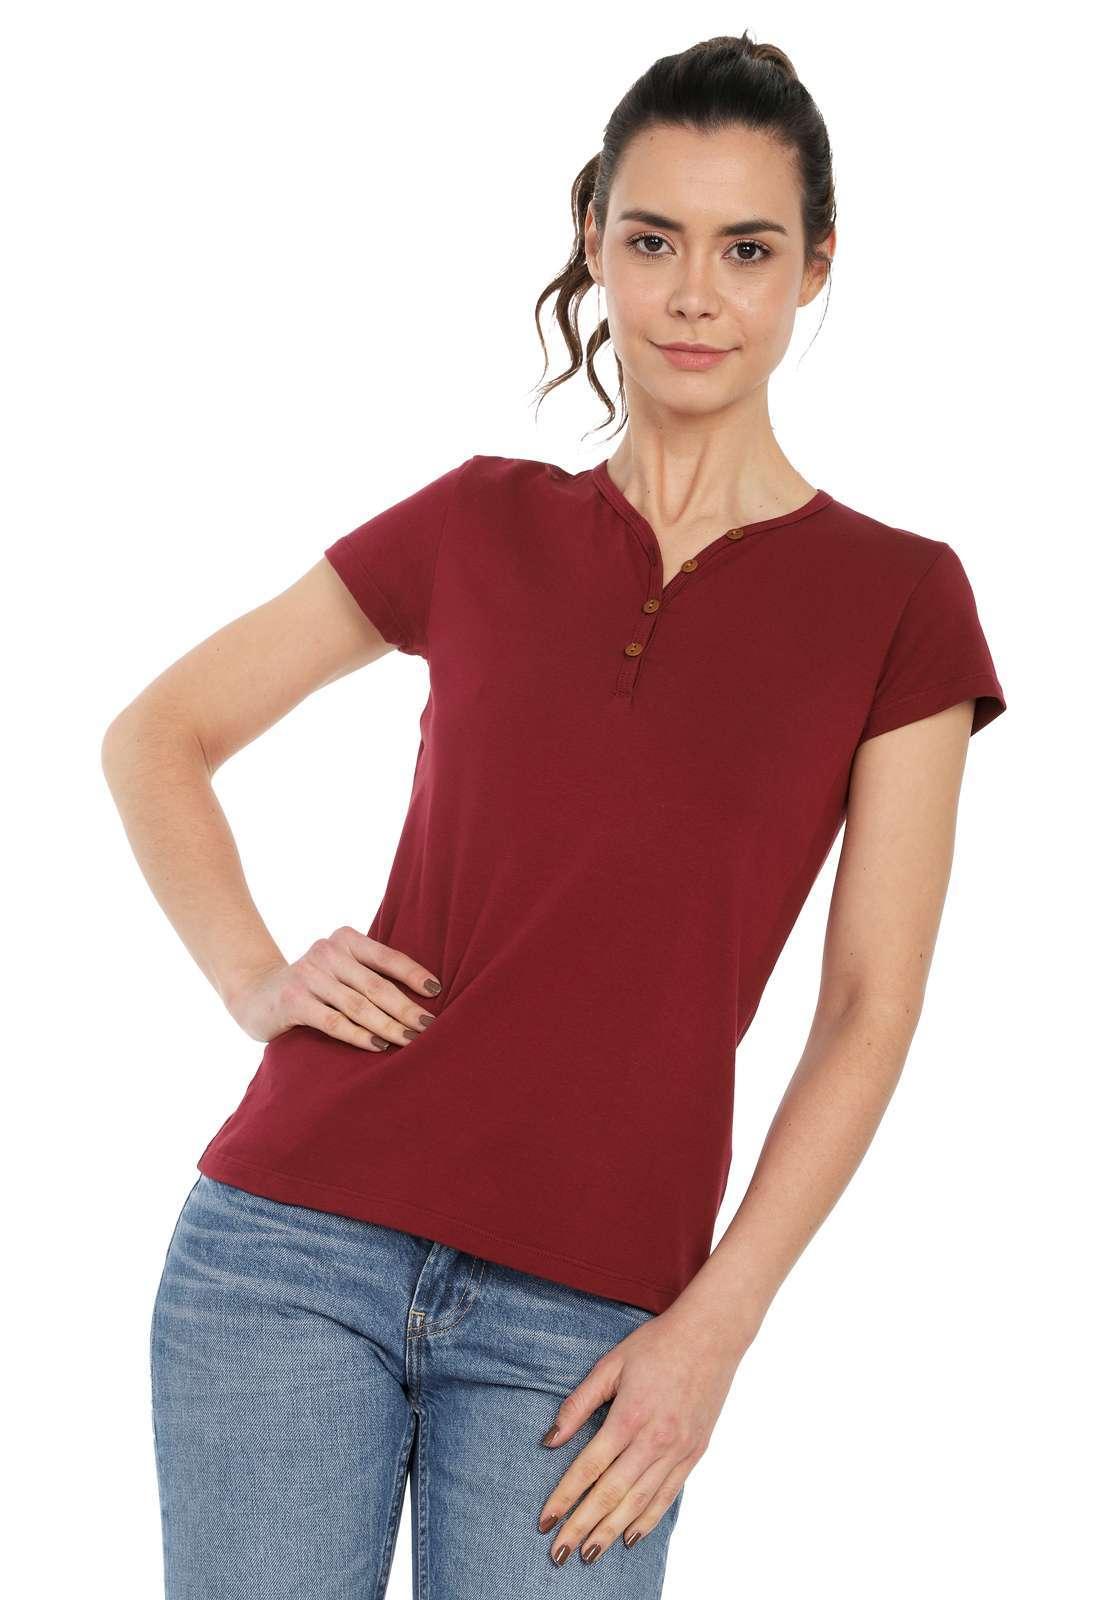 Camiseta Mujer Con Botones Licrada - Vinotinto | Polovers